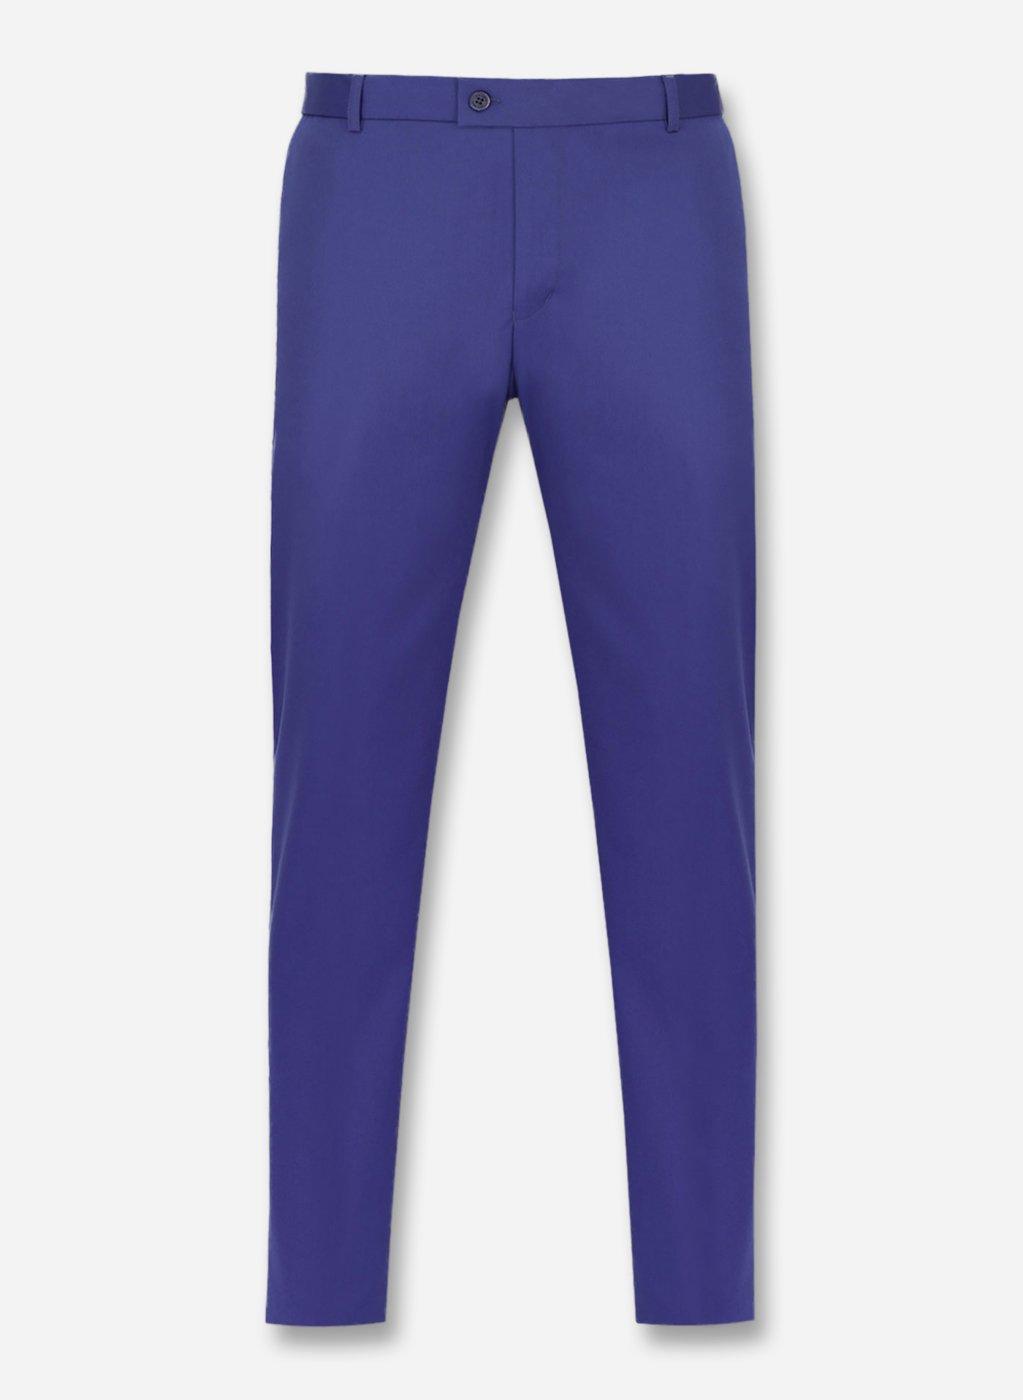 Spodnie męskie garniturowe PLM-6X-066-N